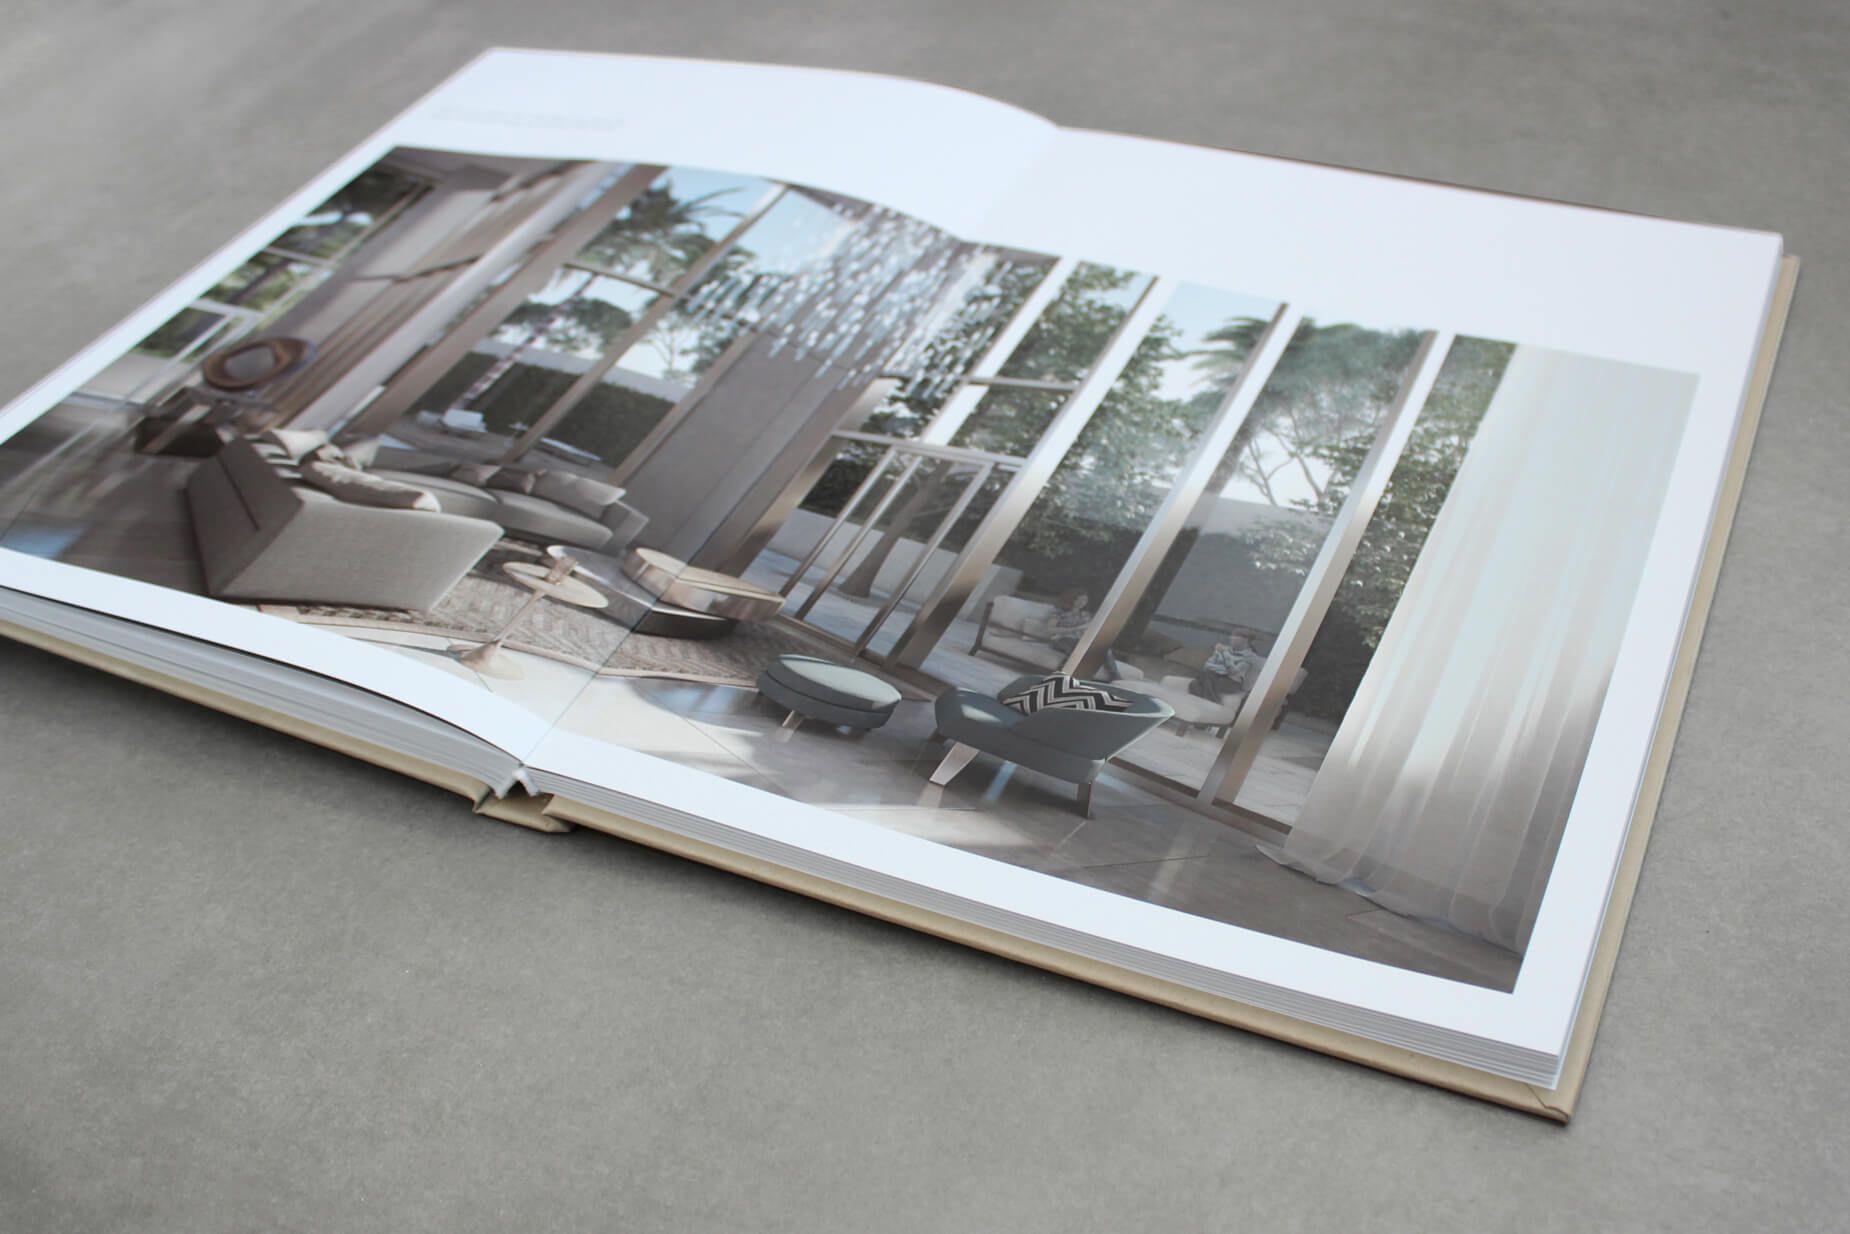 banyan-book-cover-6.jpg